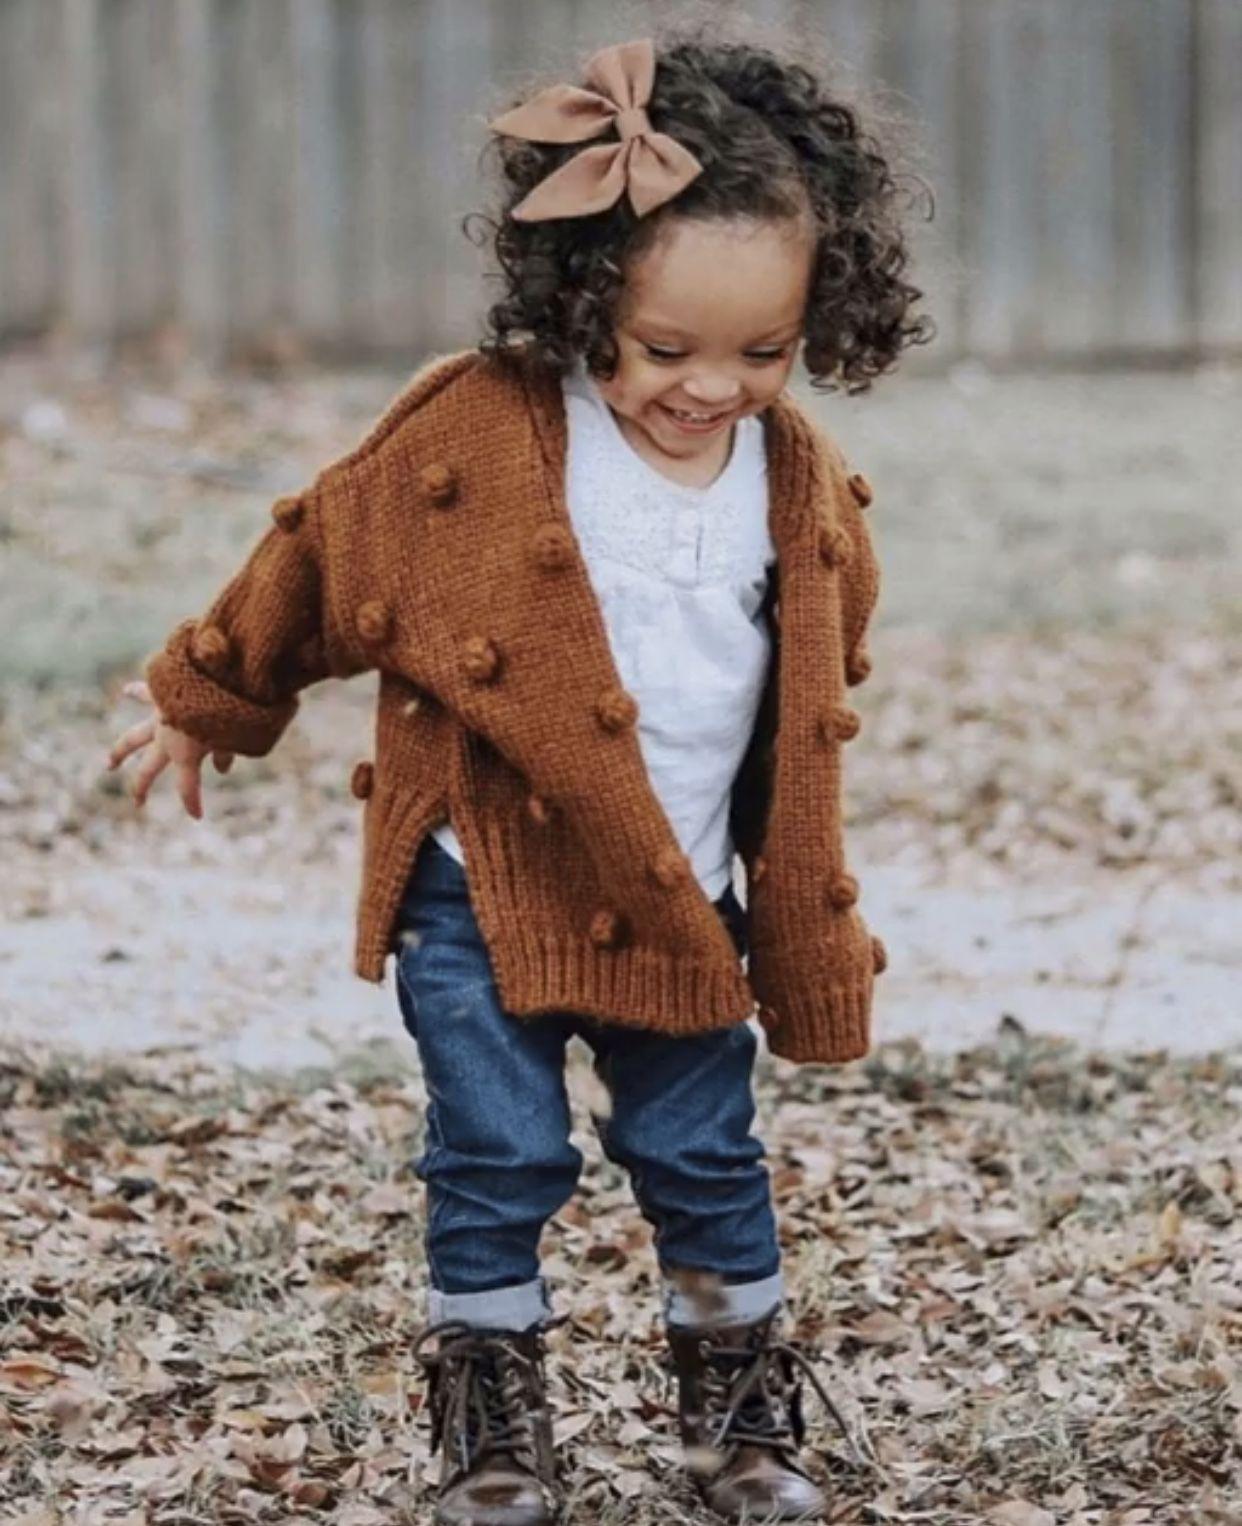 Bota Infantil Feminina: 25 Looks de Criança para Sua Filha